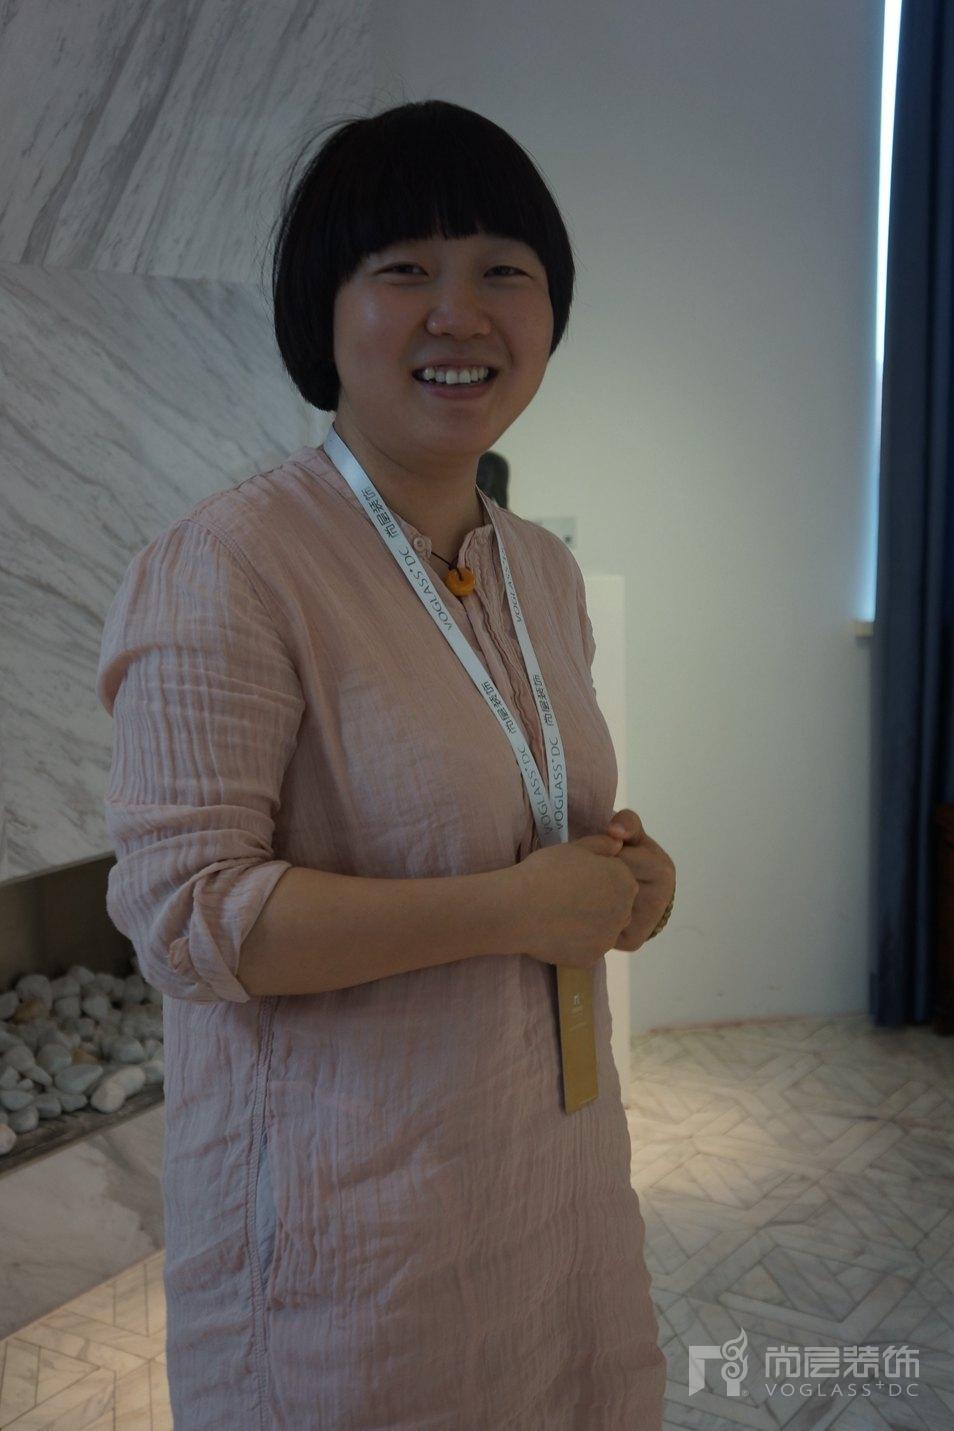 尚层配饰设计师李露露